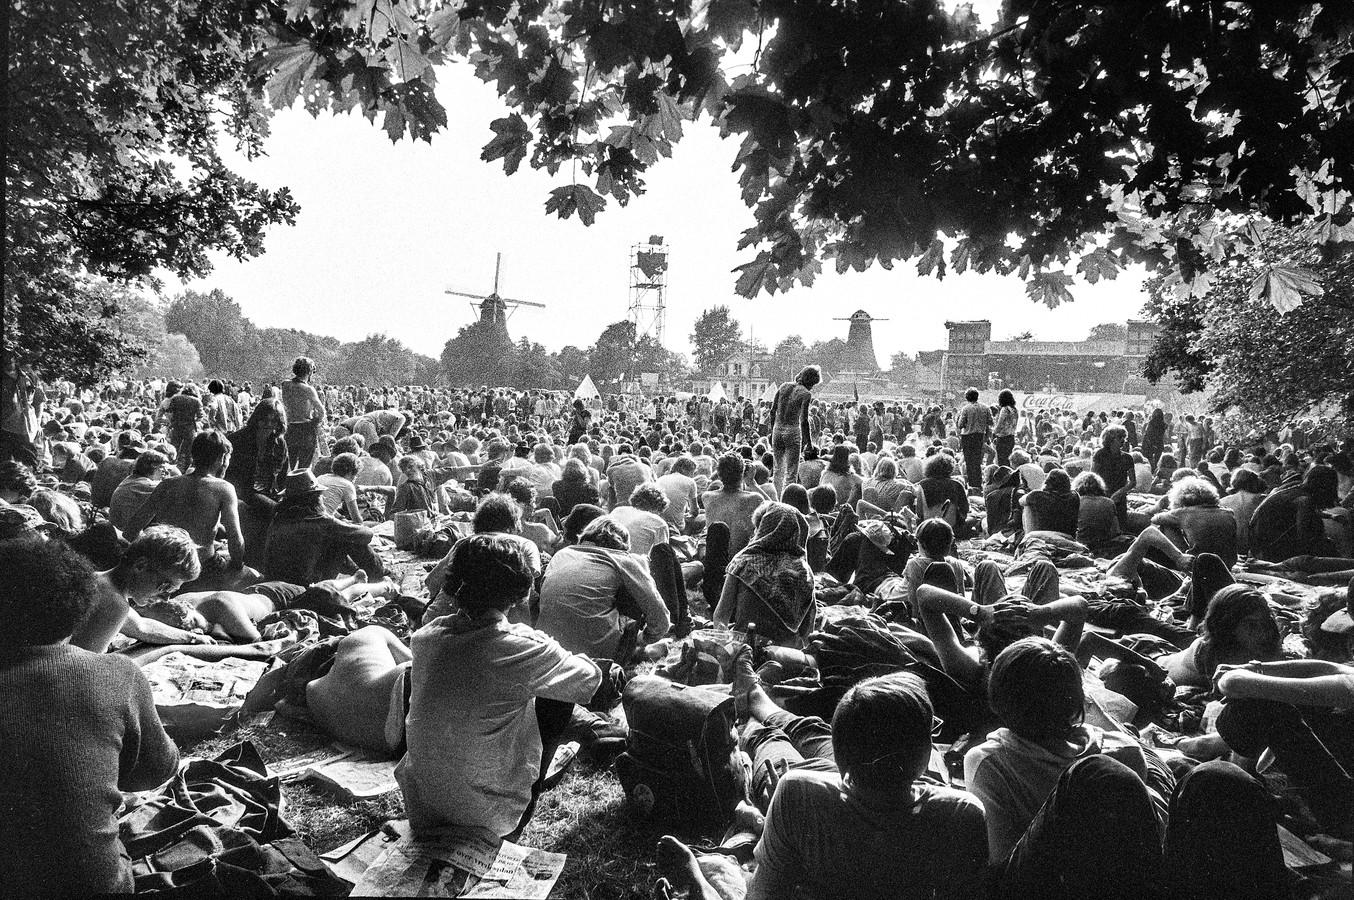 Holland Pop Festival in Kralingen was in 1970 het eerste meerdaagse rockfestival op het Europese vasteland. Frans Dekkers uit Valkenswaard was erbij.